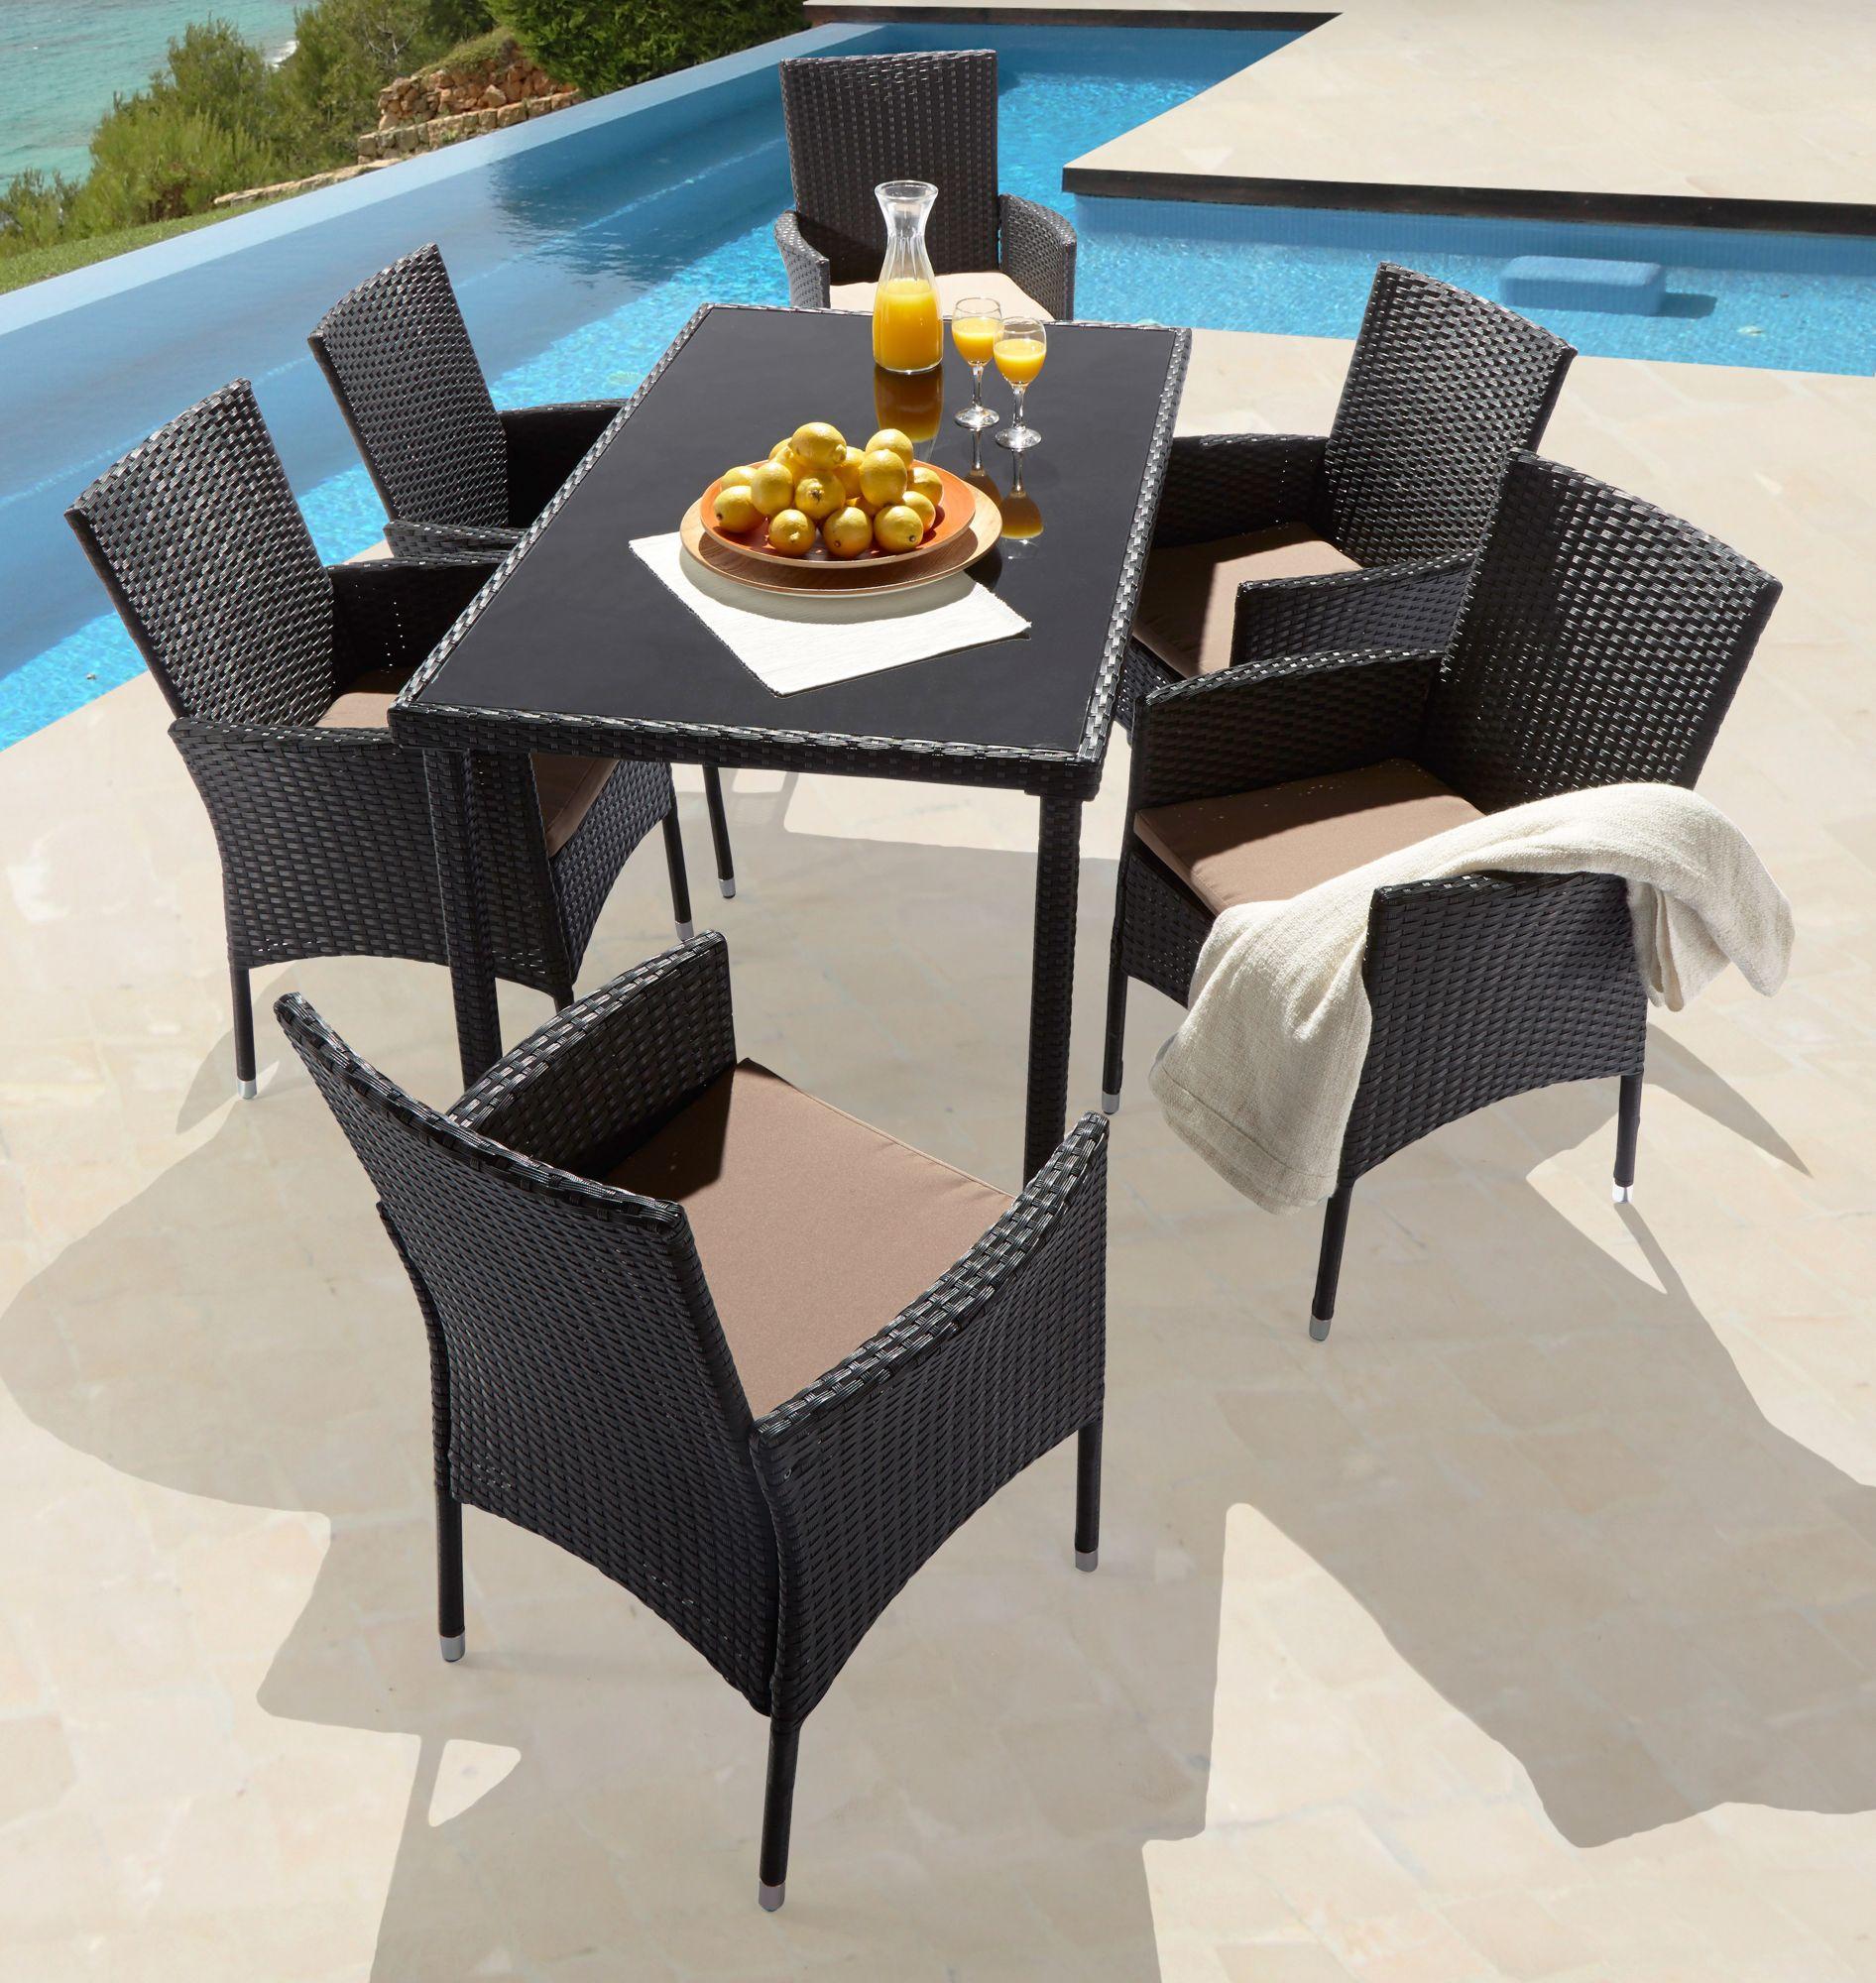 gartenm bel im schwab online shop baumarkt garten balkon. Black Bedroom Furniture Sets. Home Design Ideas